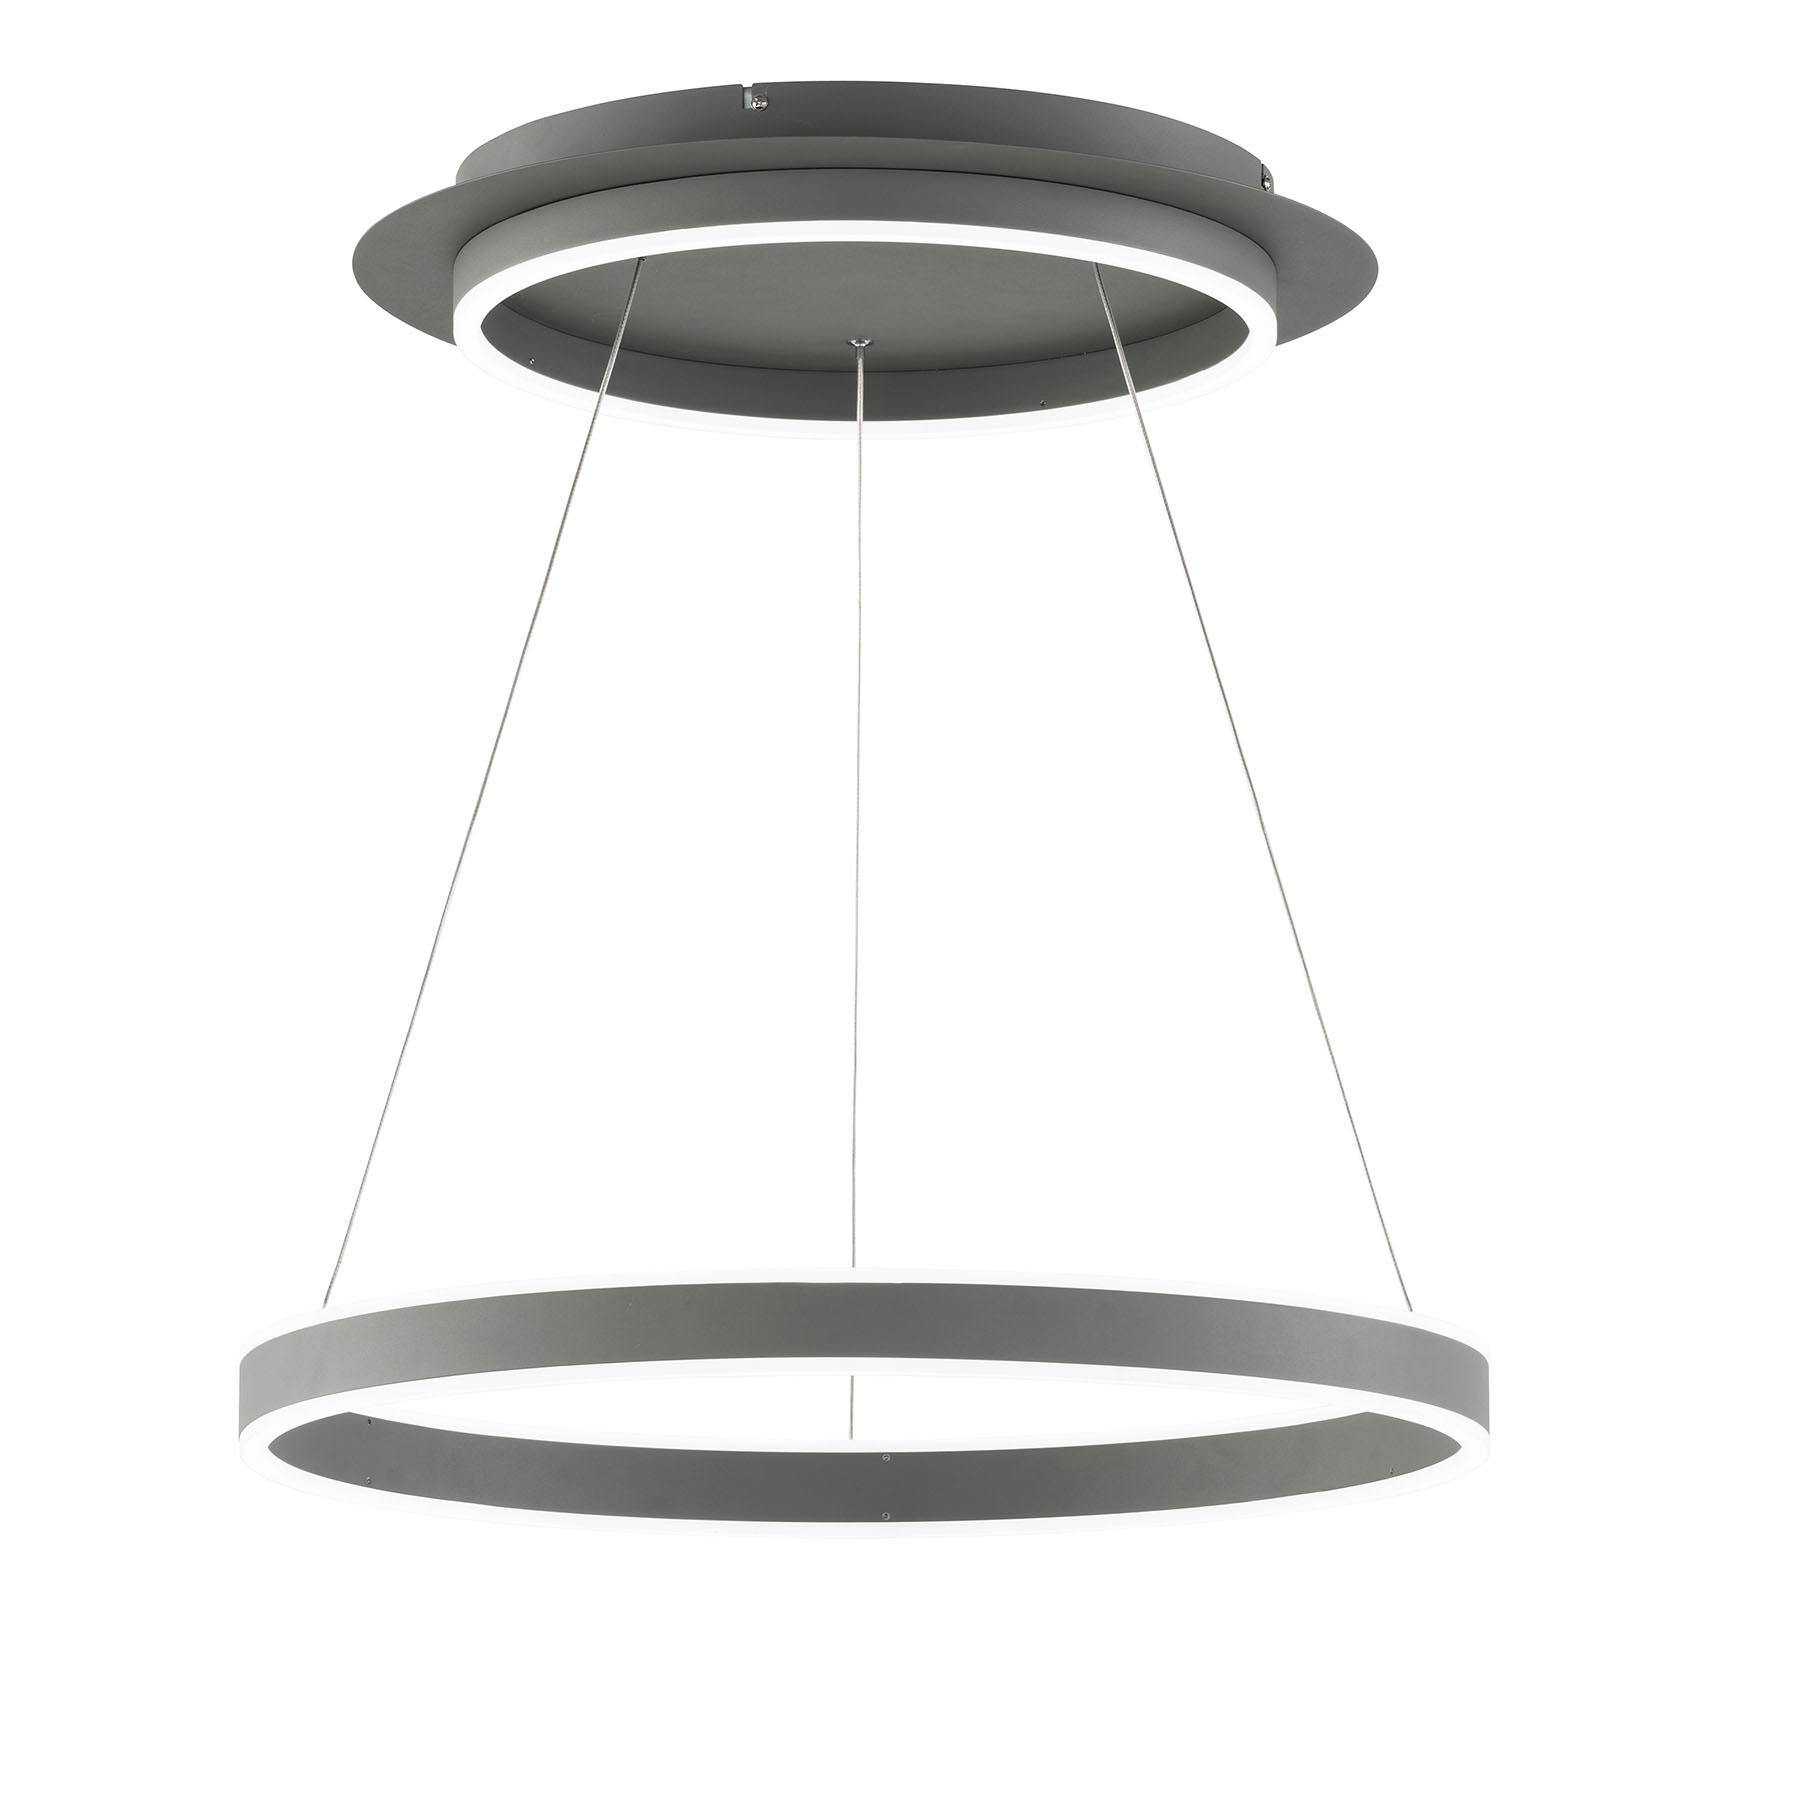 LED hanglamp Kemi, met afstandsbediening, rond